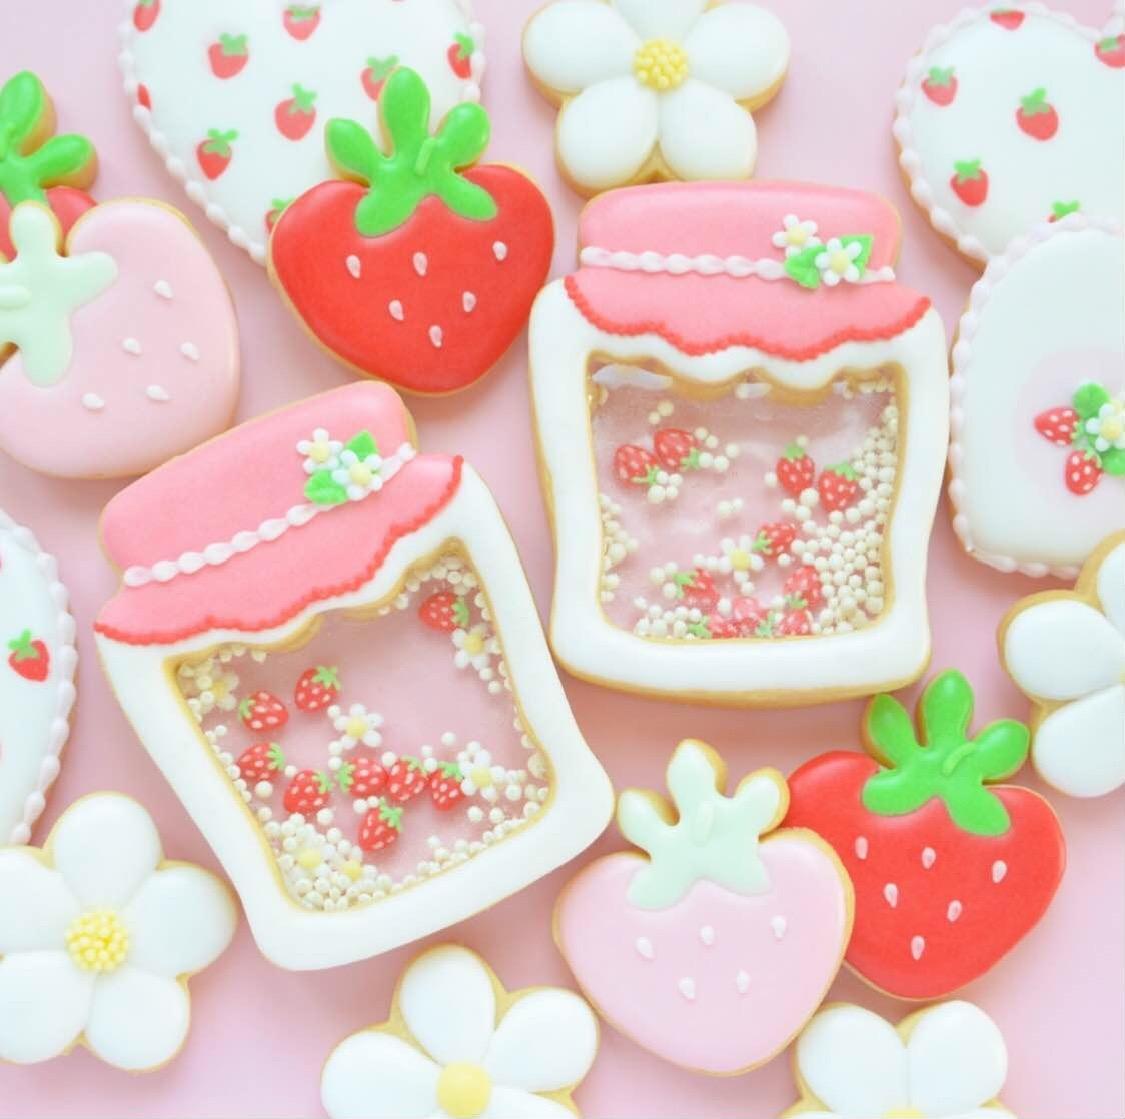 苺ジャム風シャカシャカクッキーを作ろう